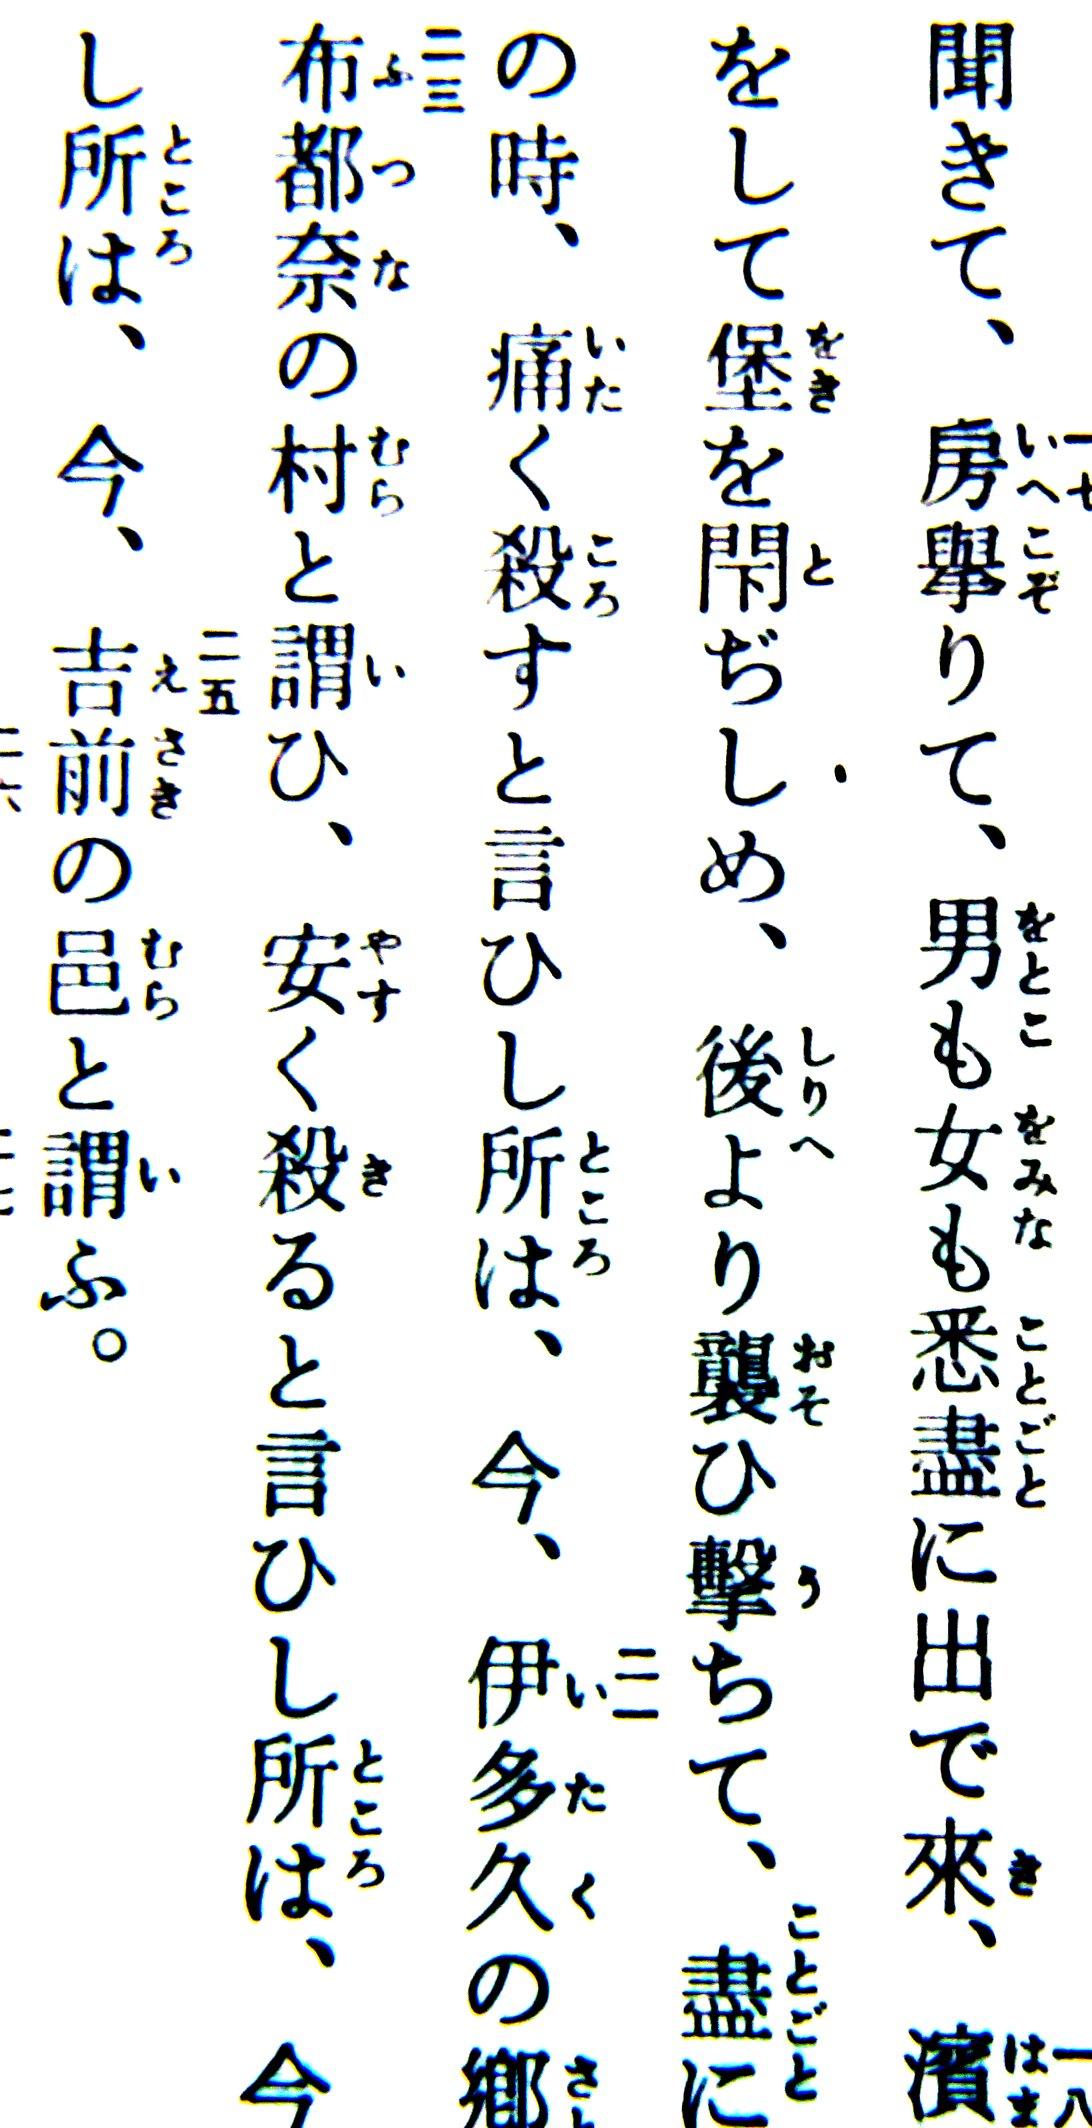 ない そつ 漢字 が